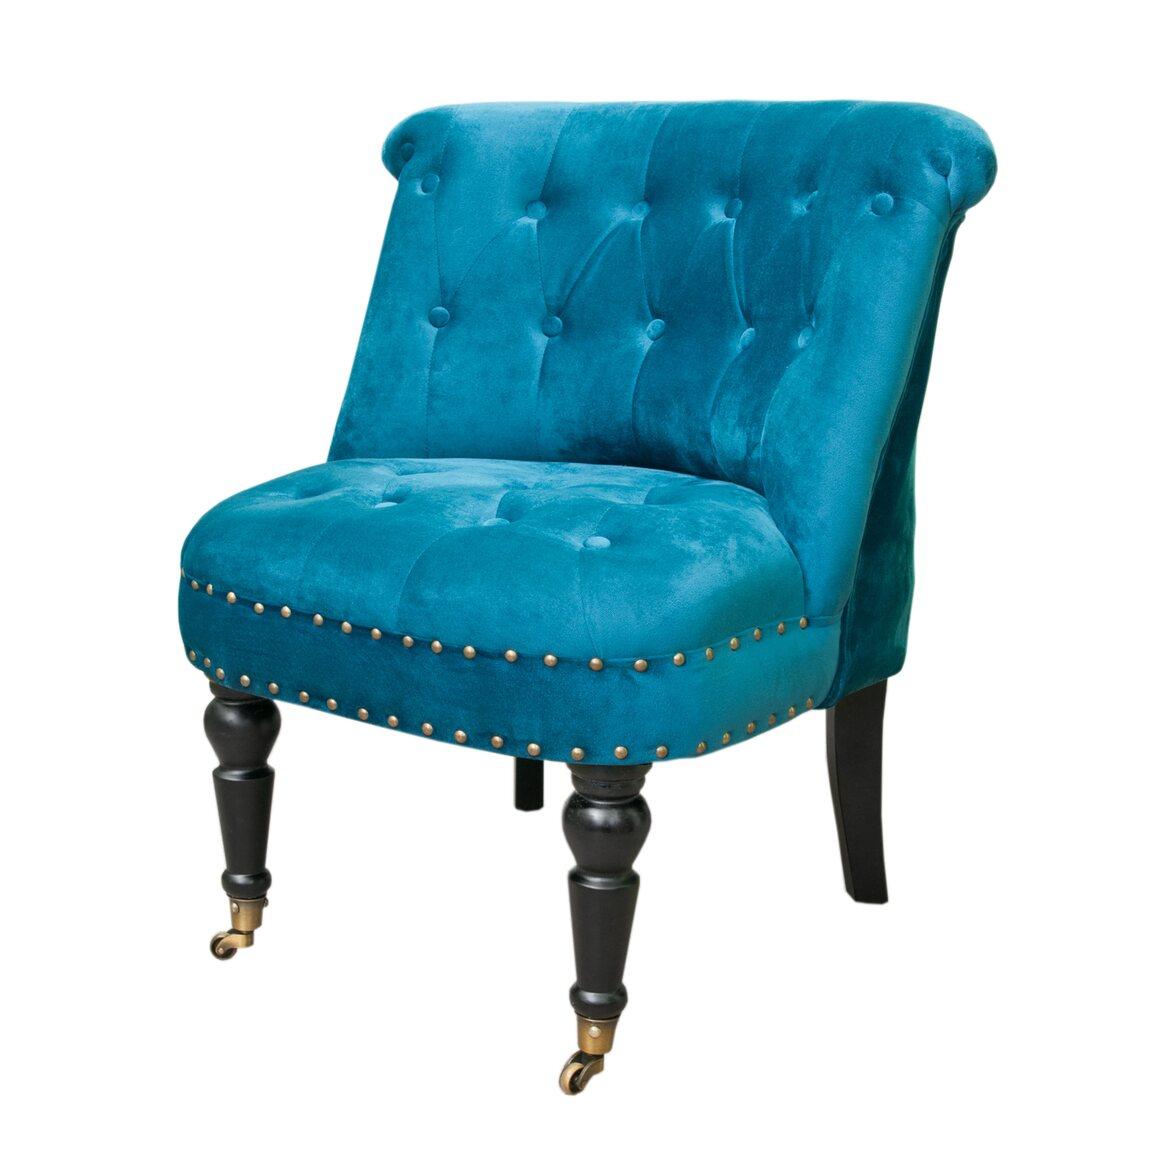 Низкое кресло Aviana Blue Velvet 4 | Маленькие кресла Kingsby